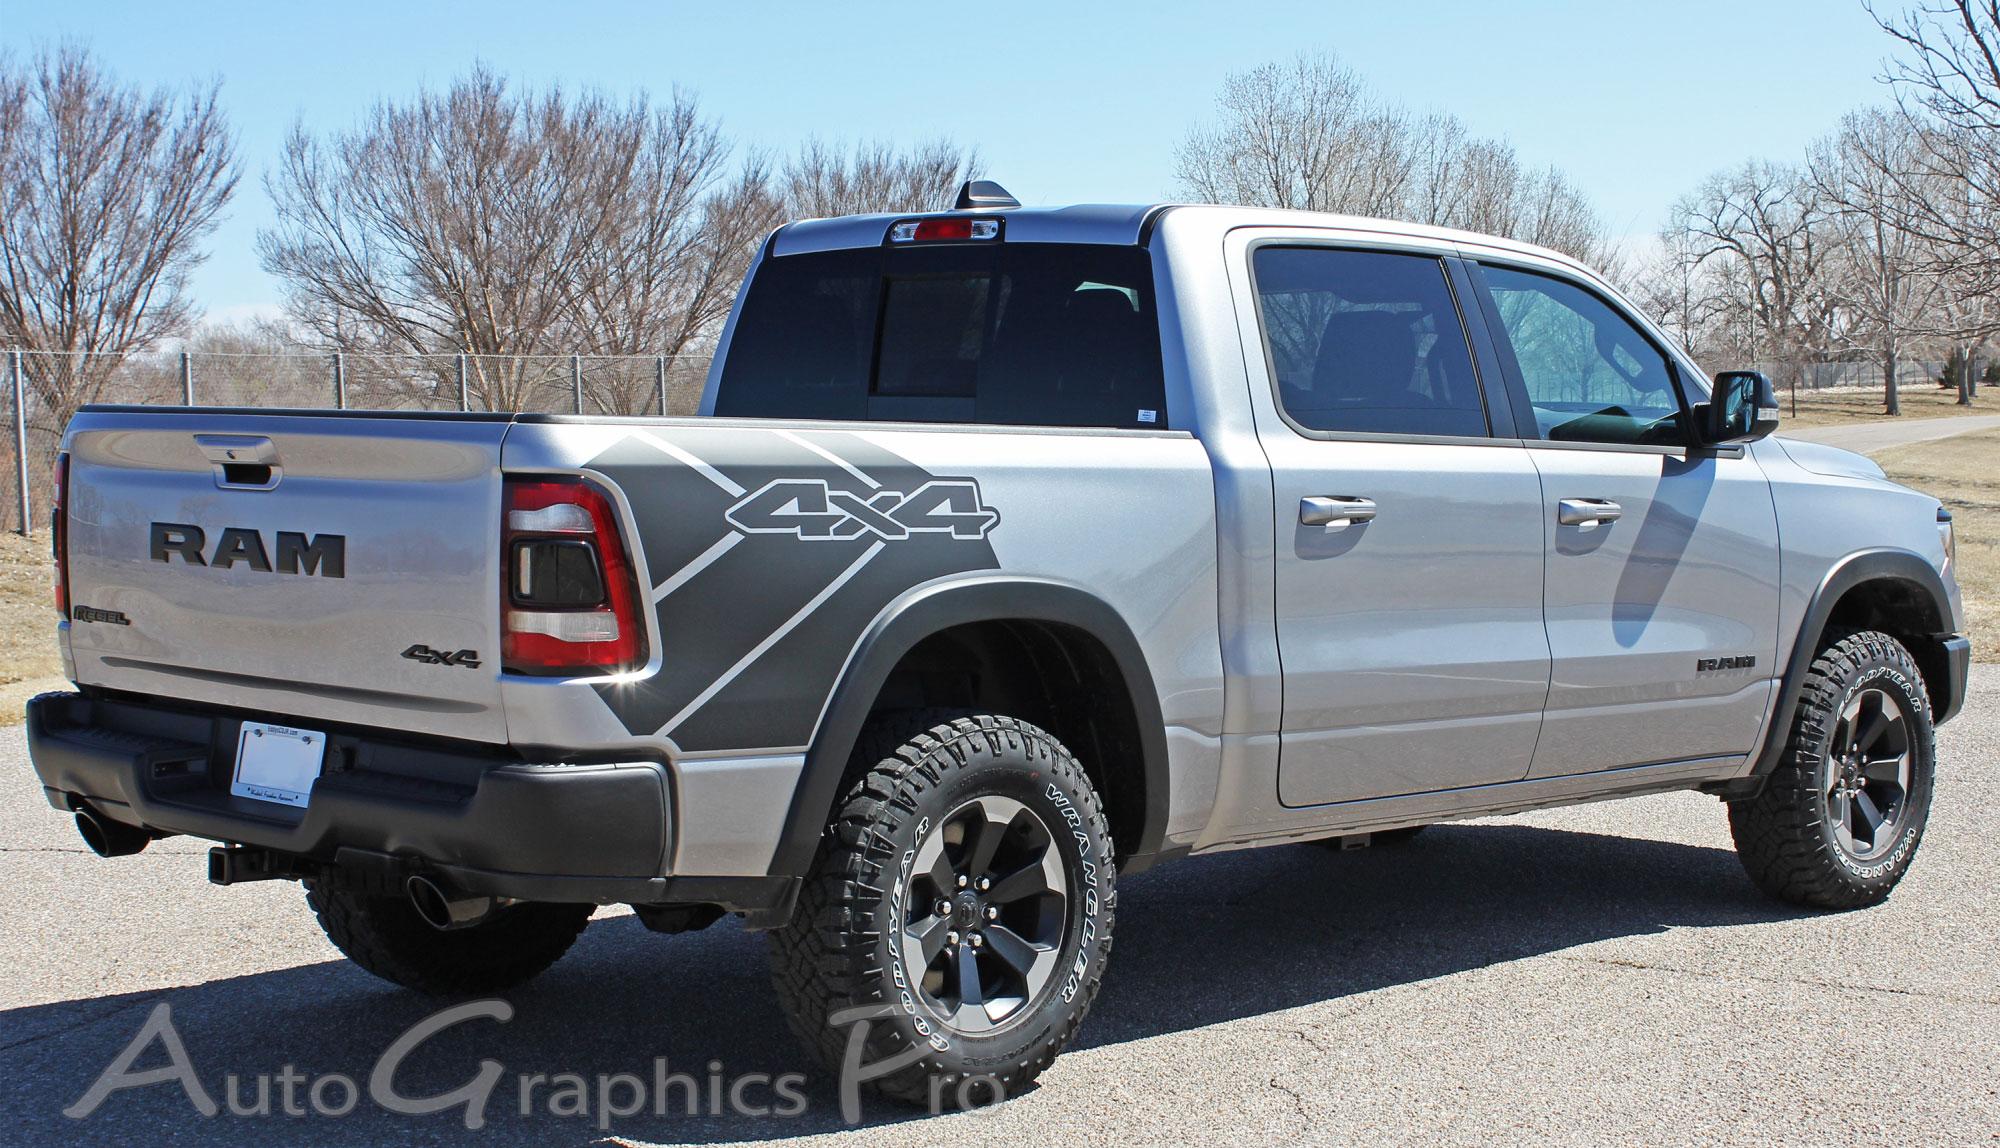 2019 2020 2021 Dodge Ram Rebel 1500 Side Bed Graphics Decals Stripes Reb Sides Vinyl Graphic Kits